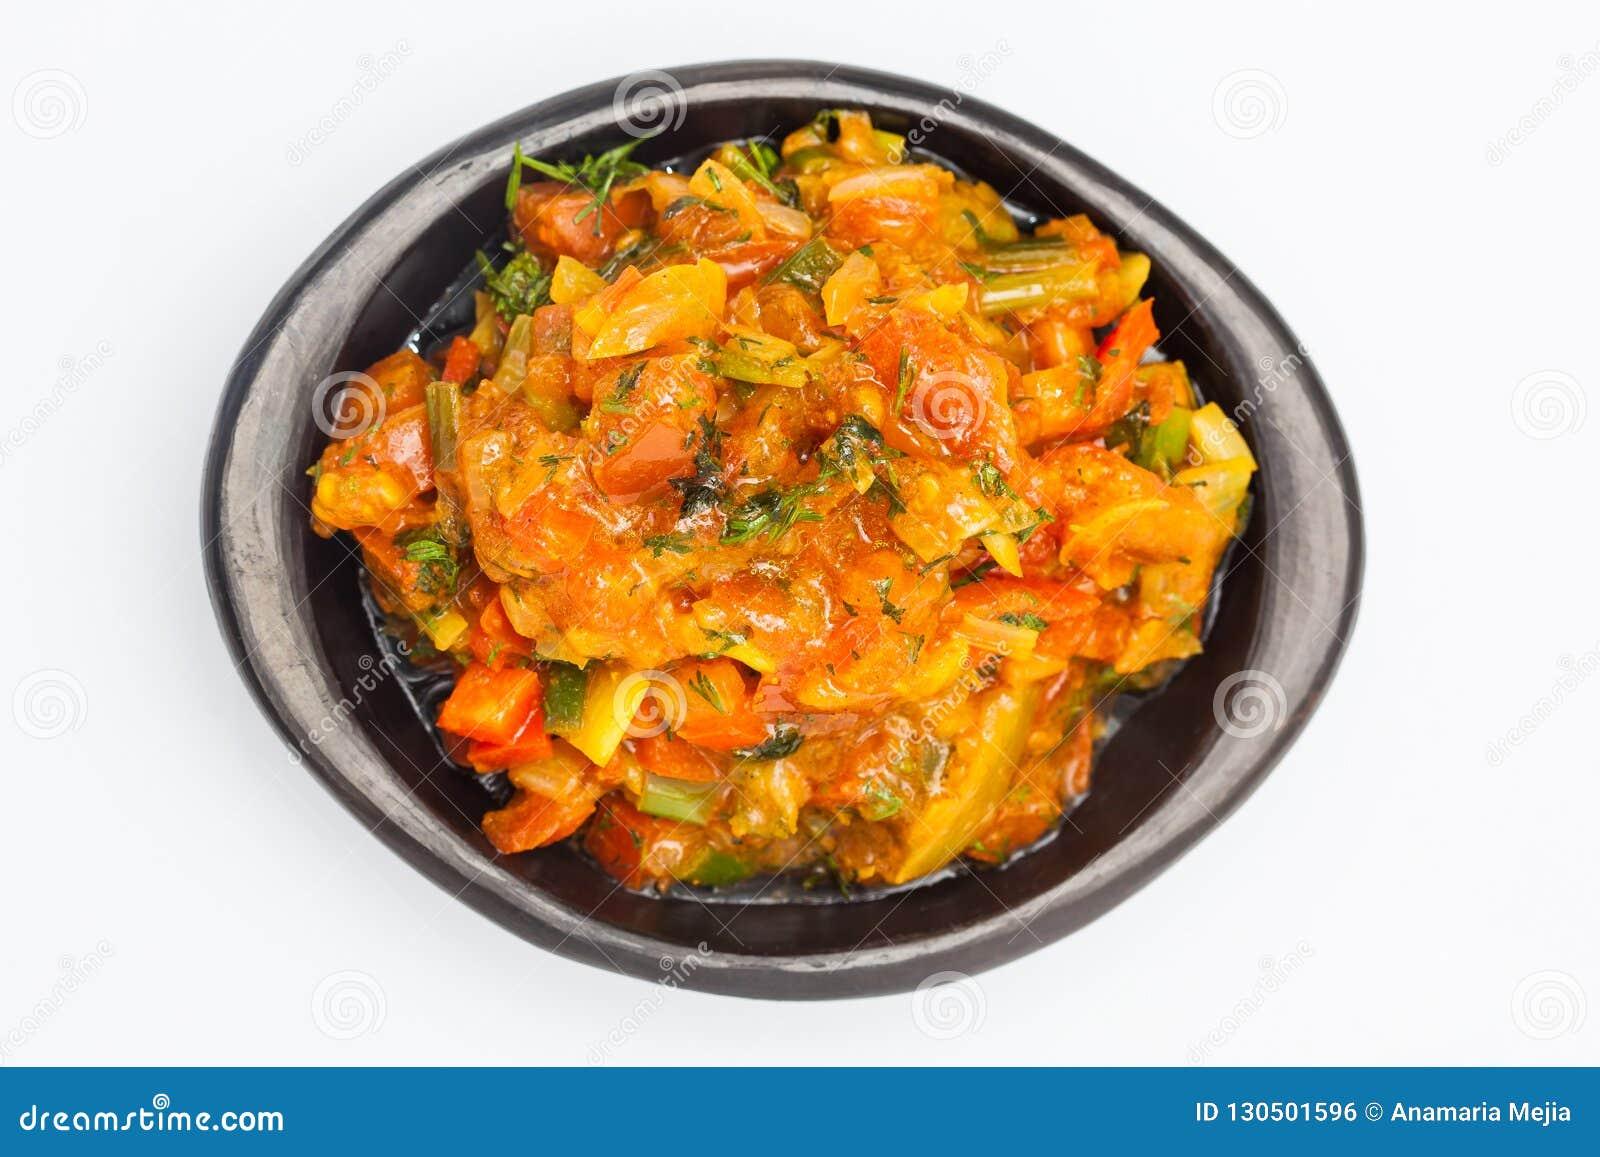 La sauce colombienne traditionnelle appelée le hogao a servi dans un plat en céramique noir